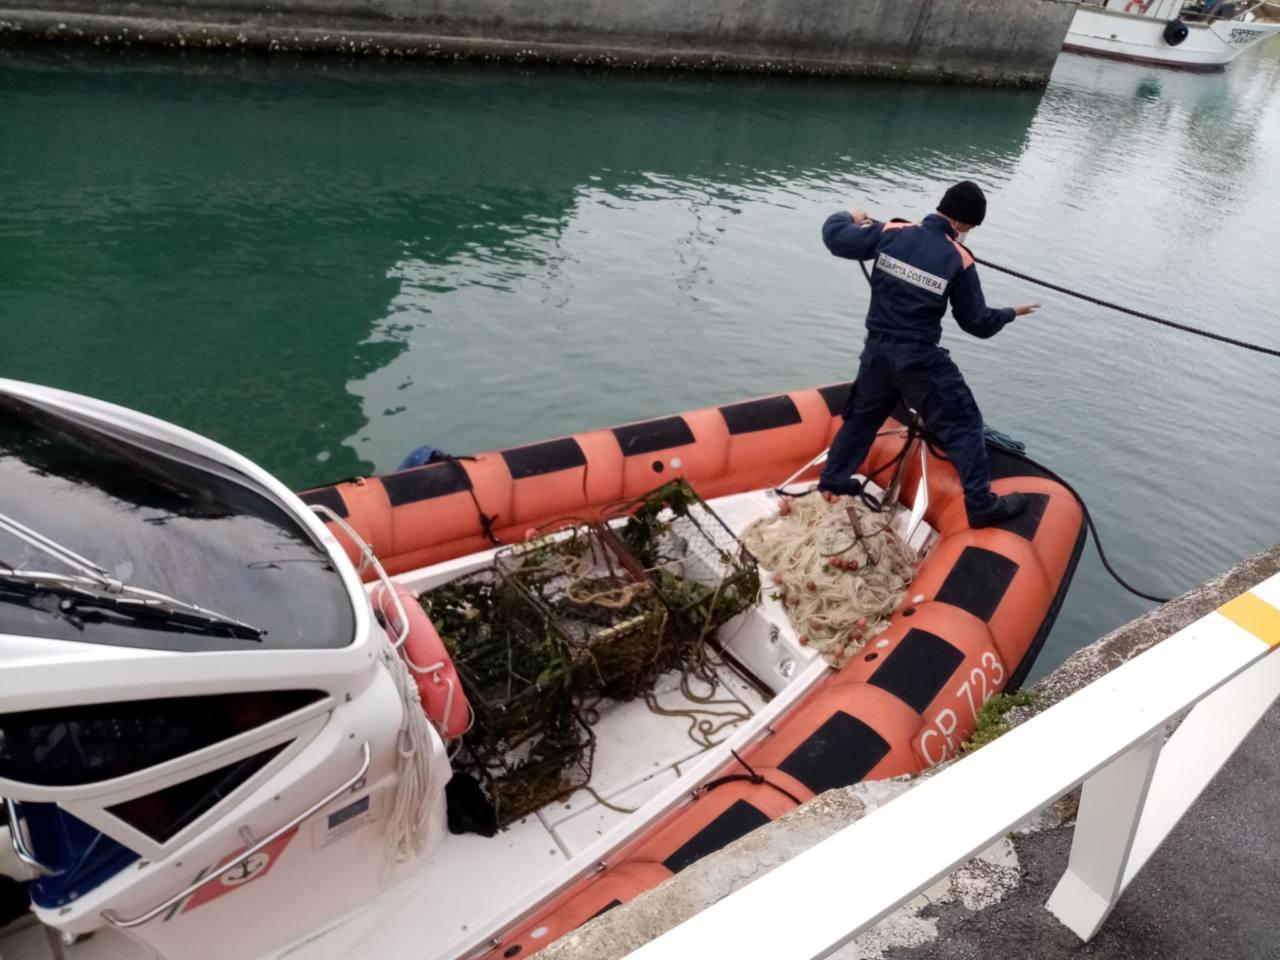 Sequestro, Marina di Montemarciano